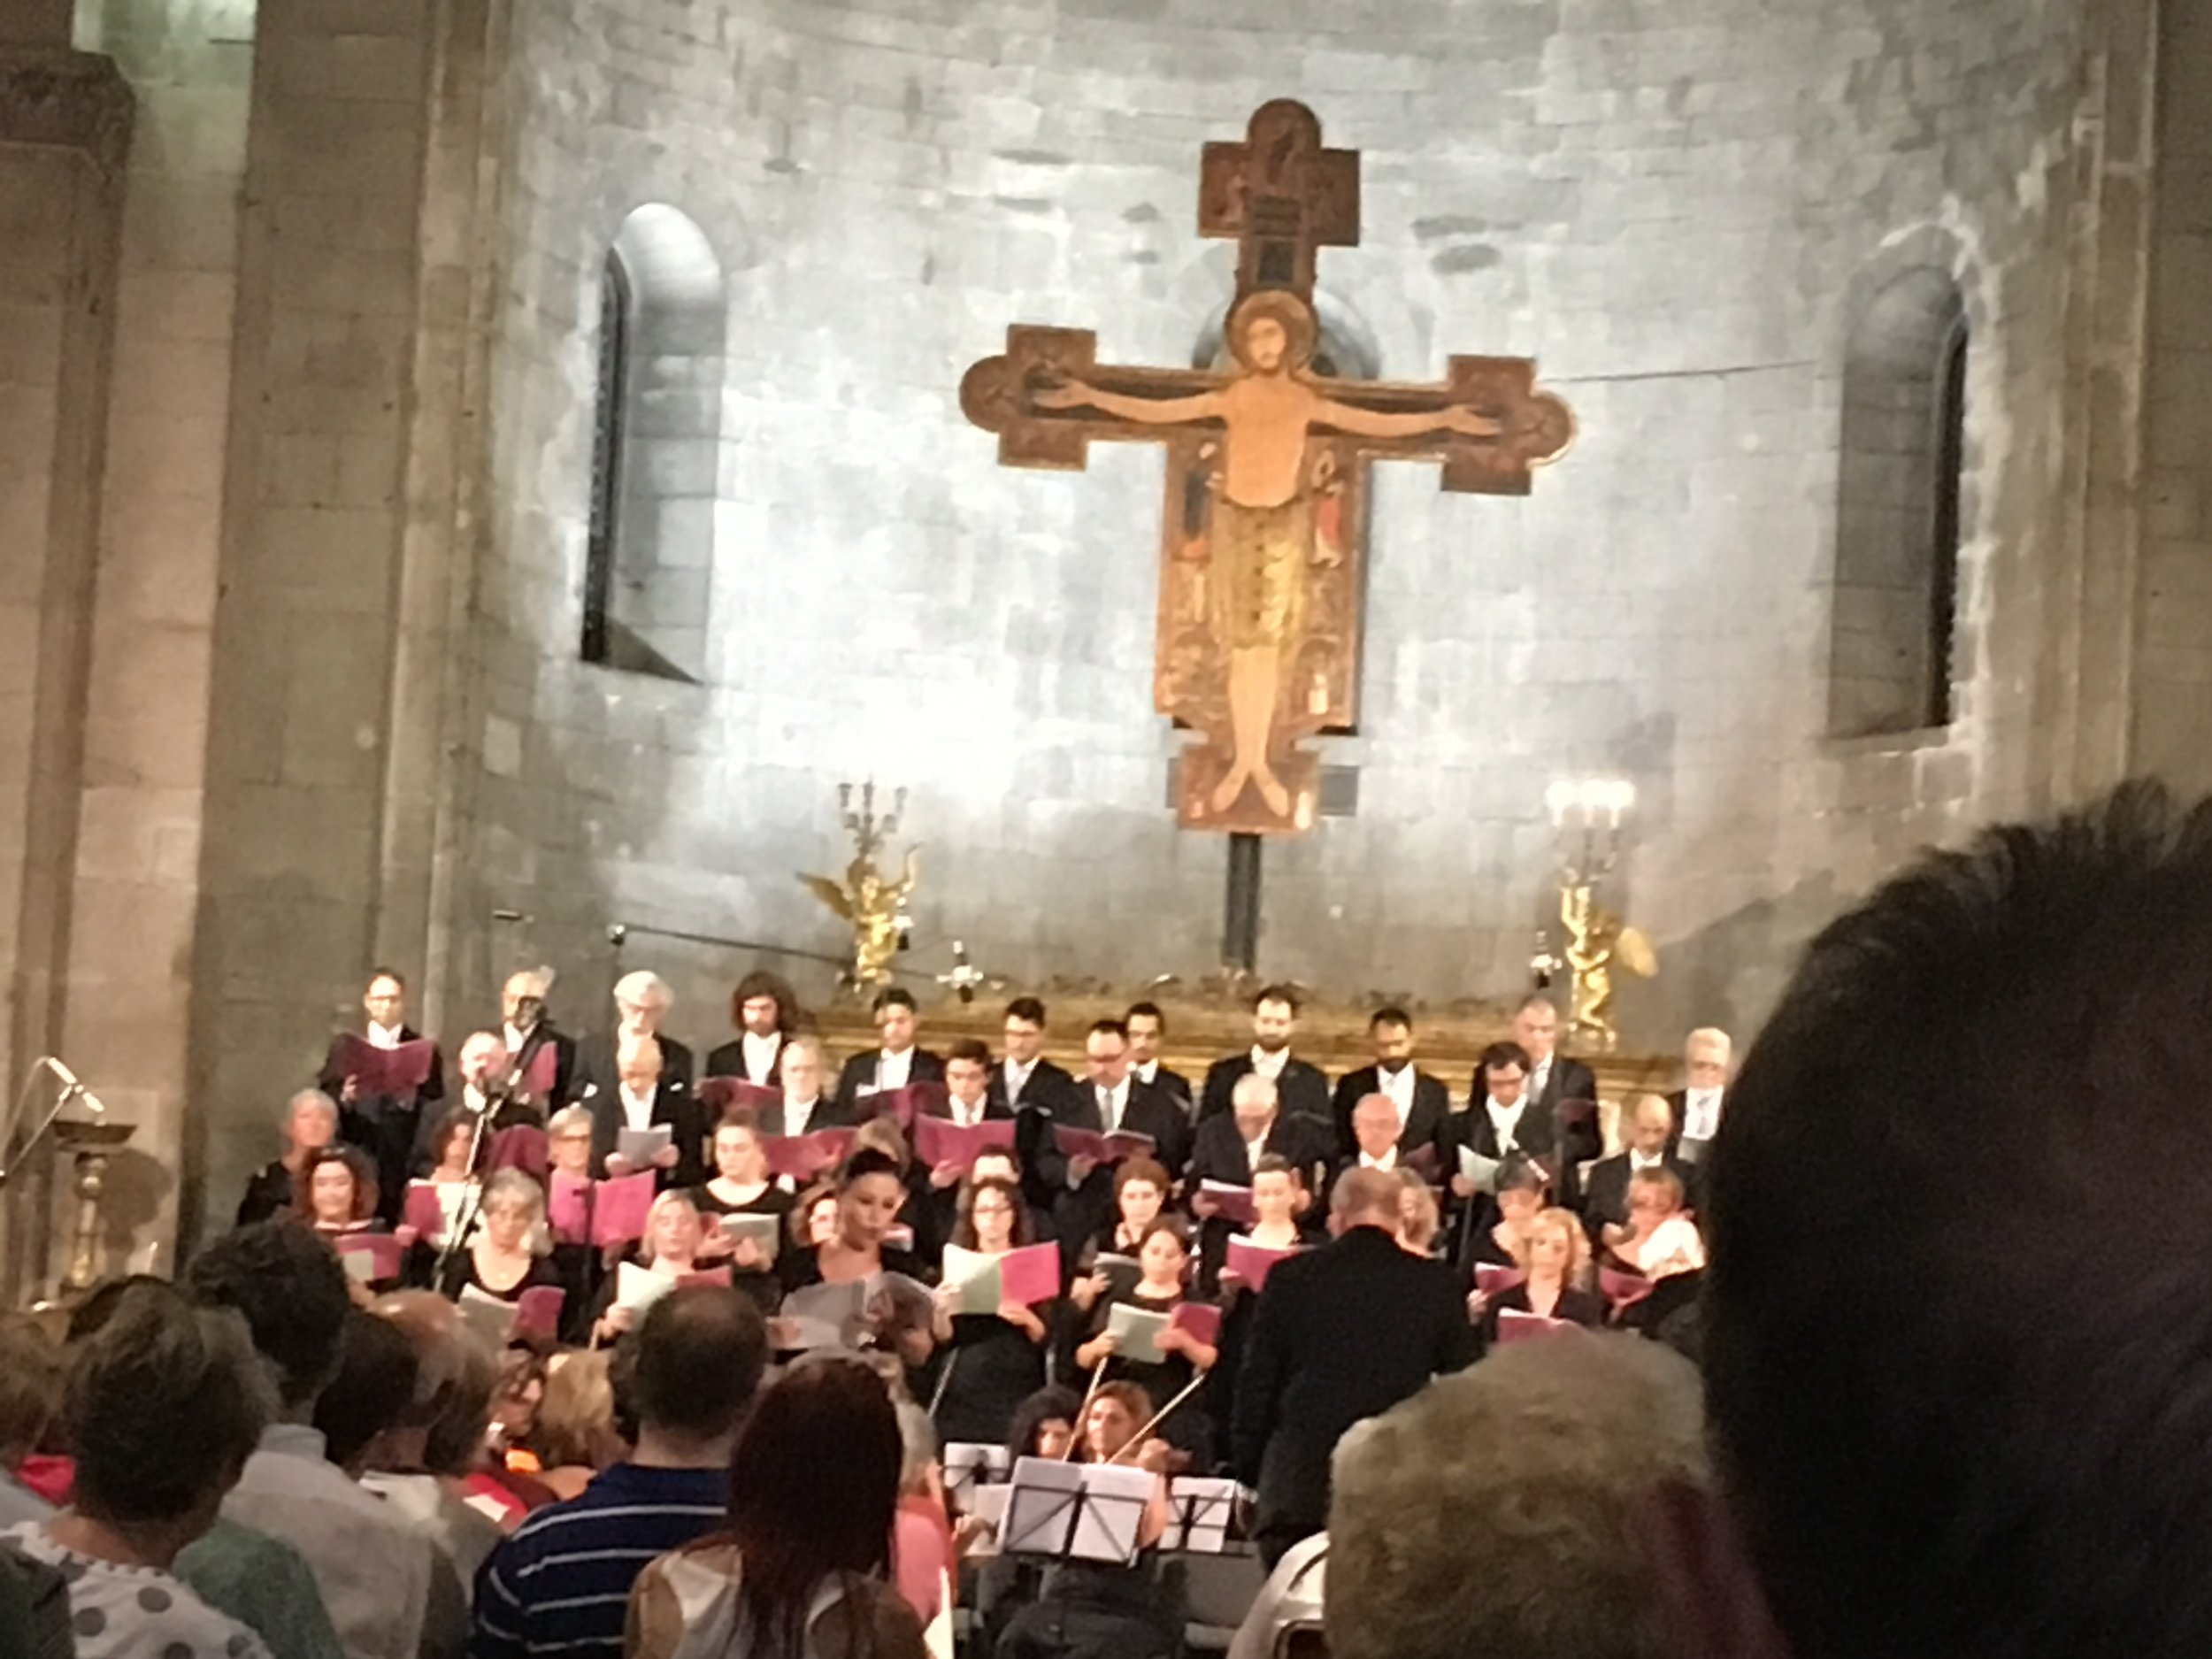 Concerto per San Michele. Glorious music!